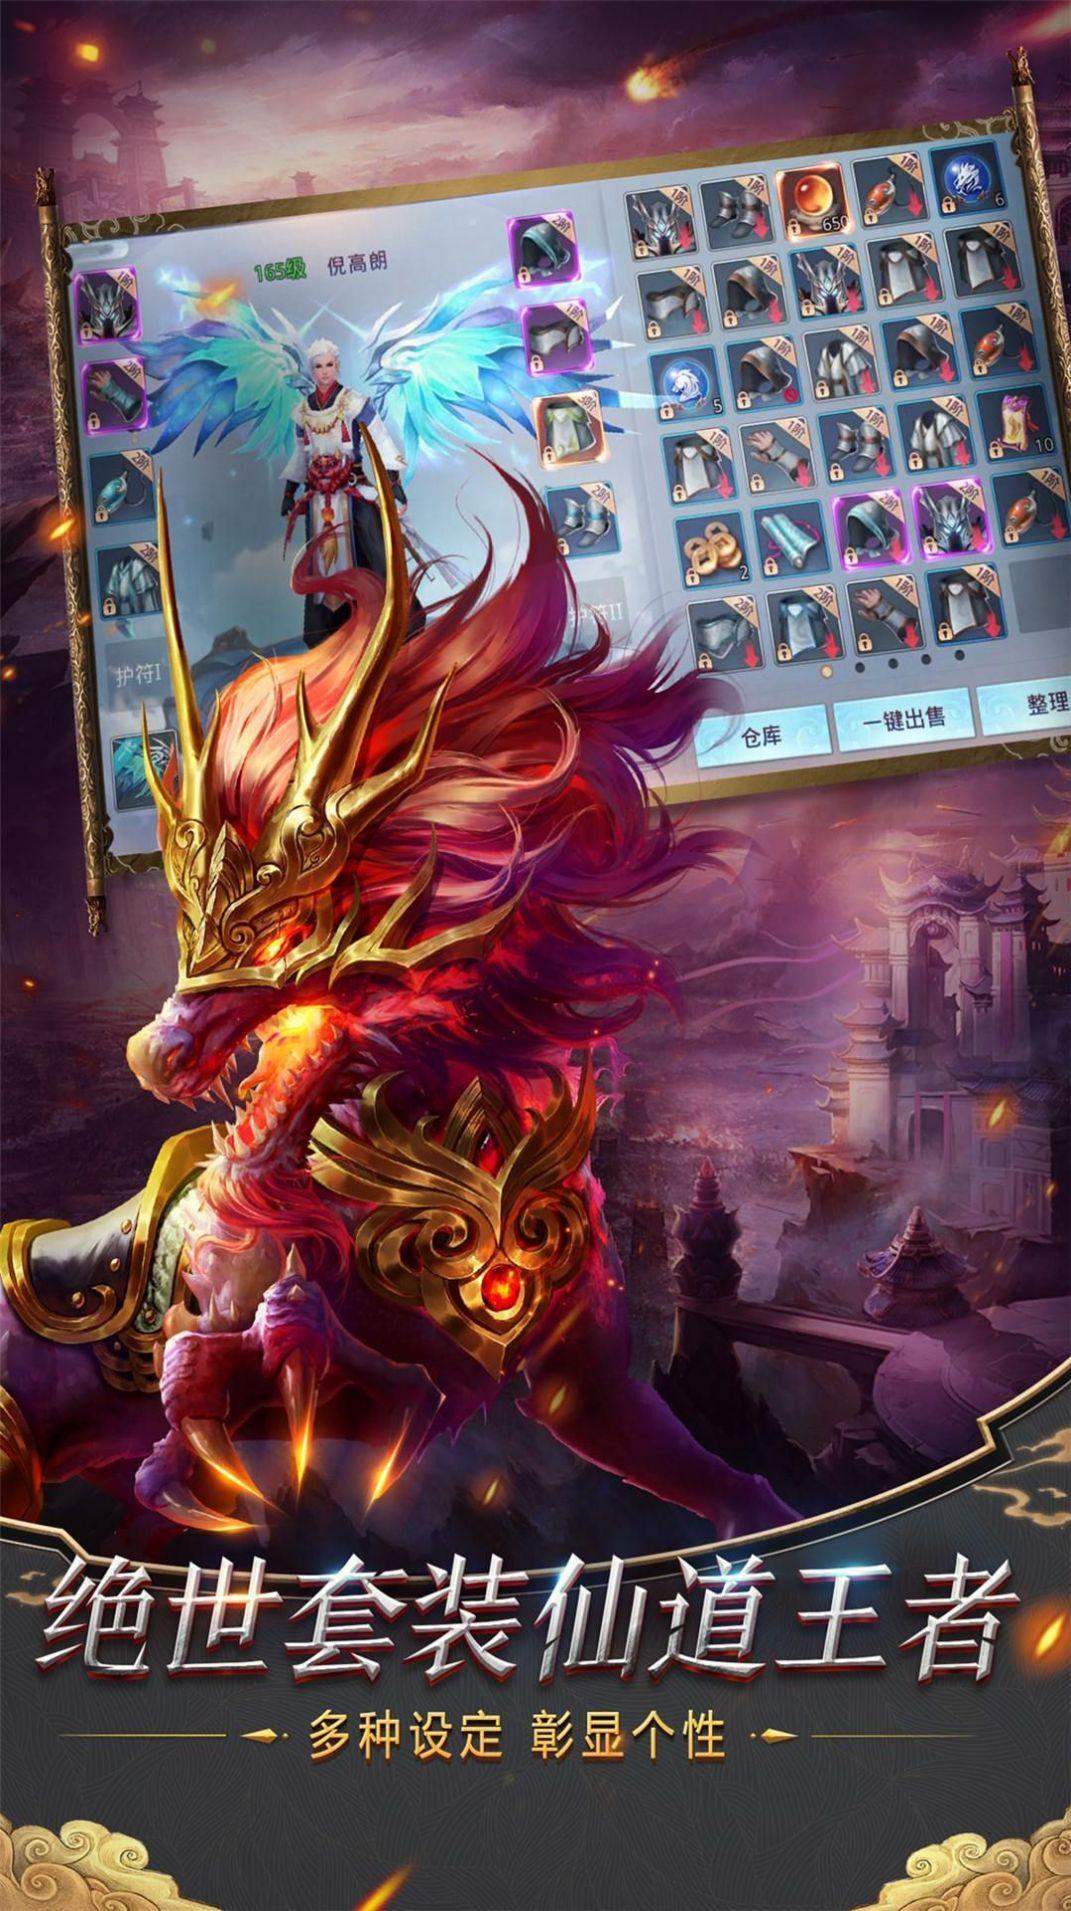 魔兽全面征战完整版截图4